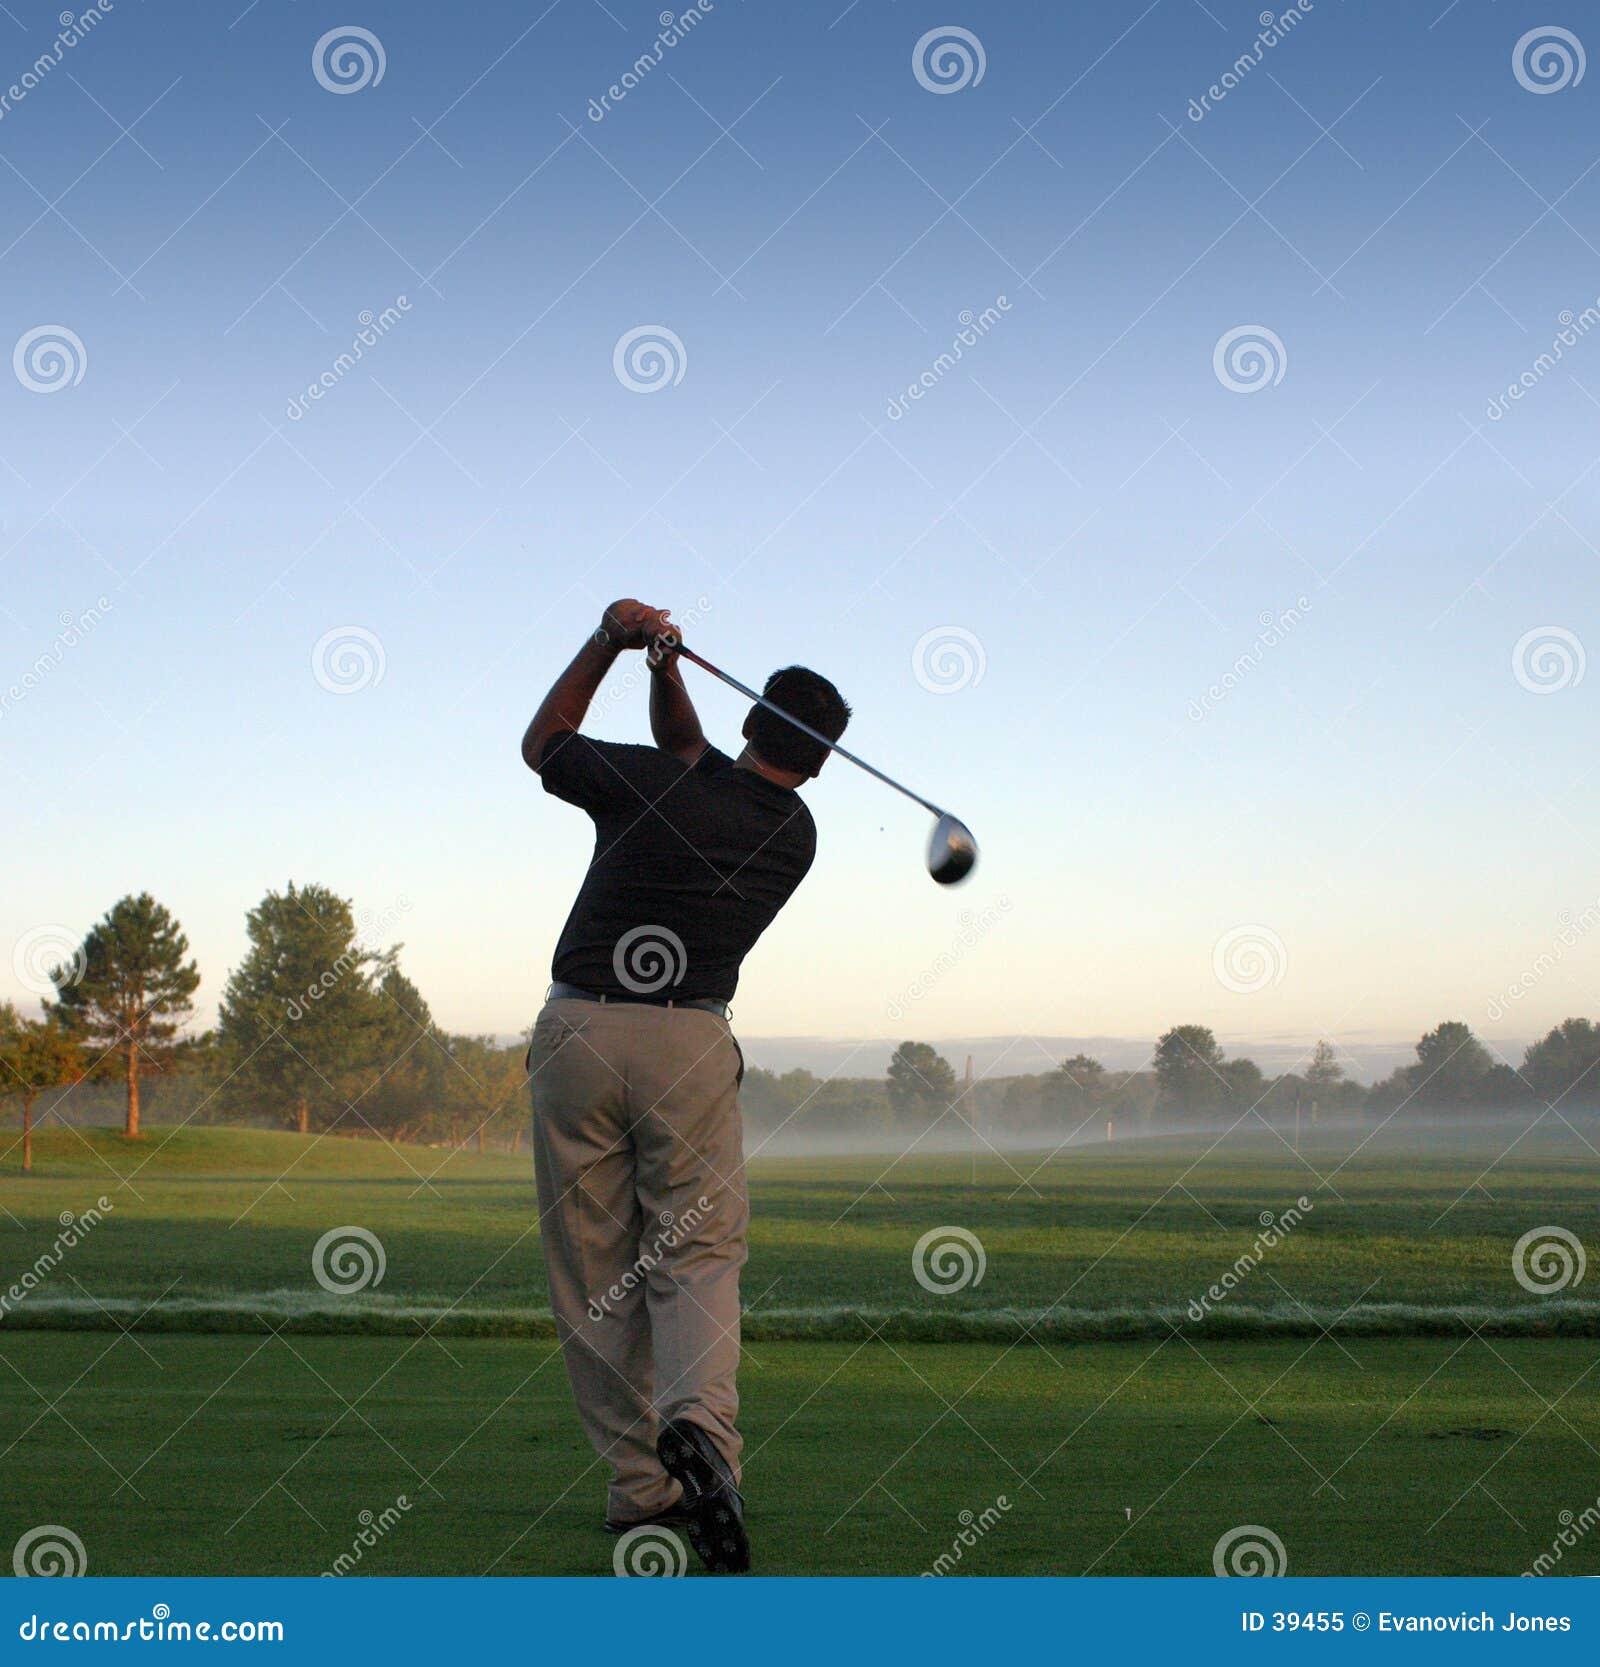 Download Te De La Madrugada Apagado. Imagen de archivo - Imagen de golf, blanco: 39455